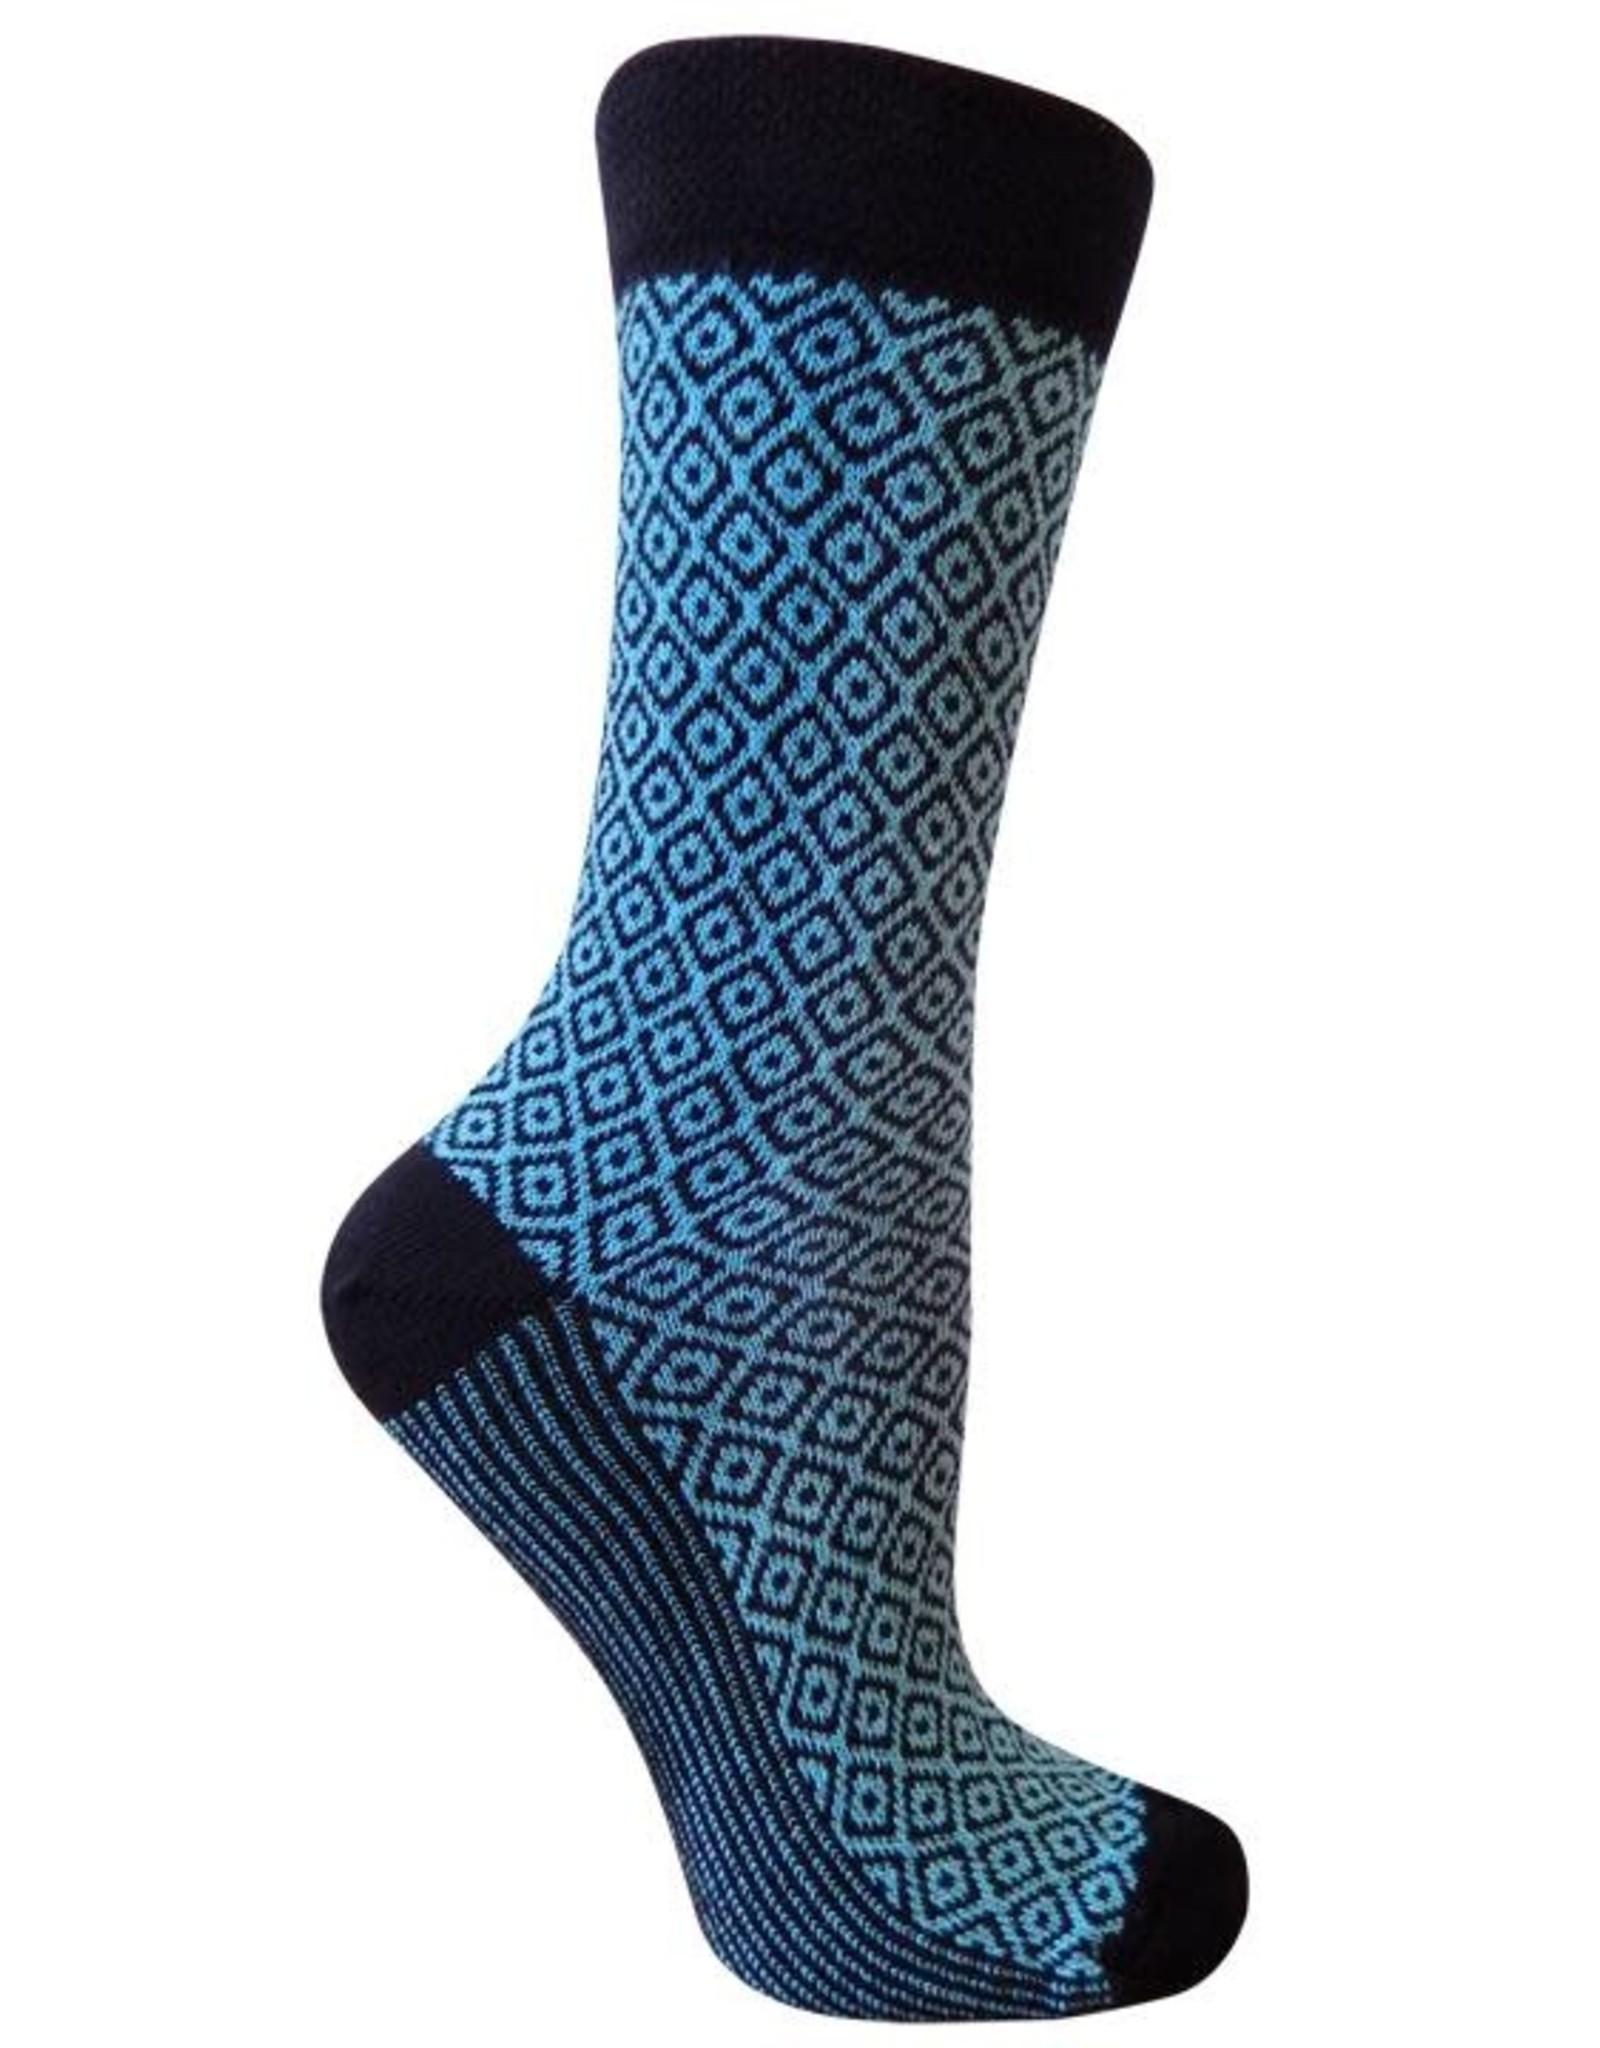 RocknSocks '76 - Zara Aqua Crew Socks - L